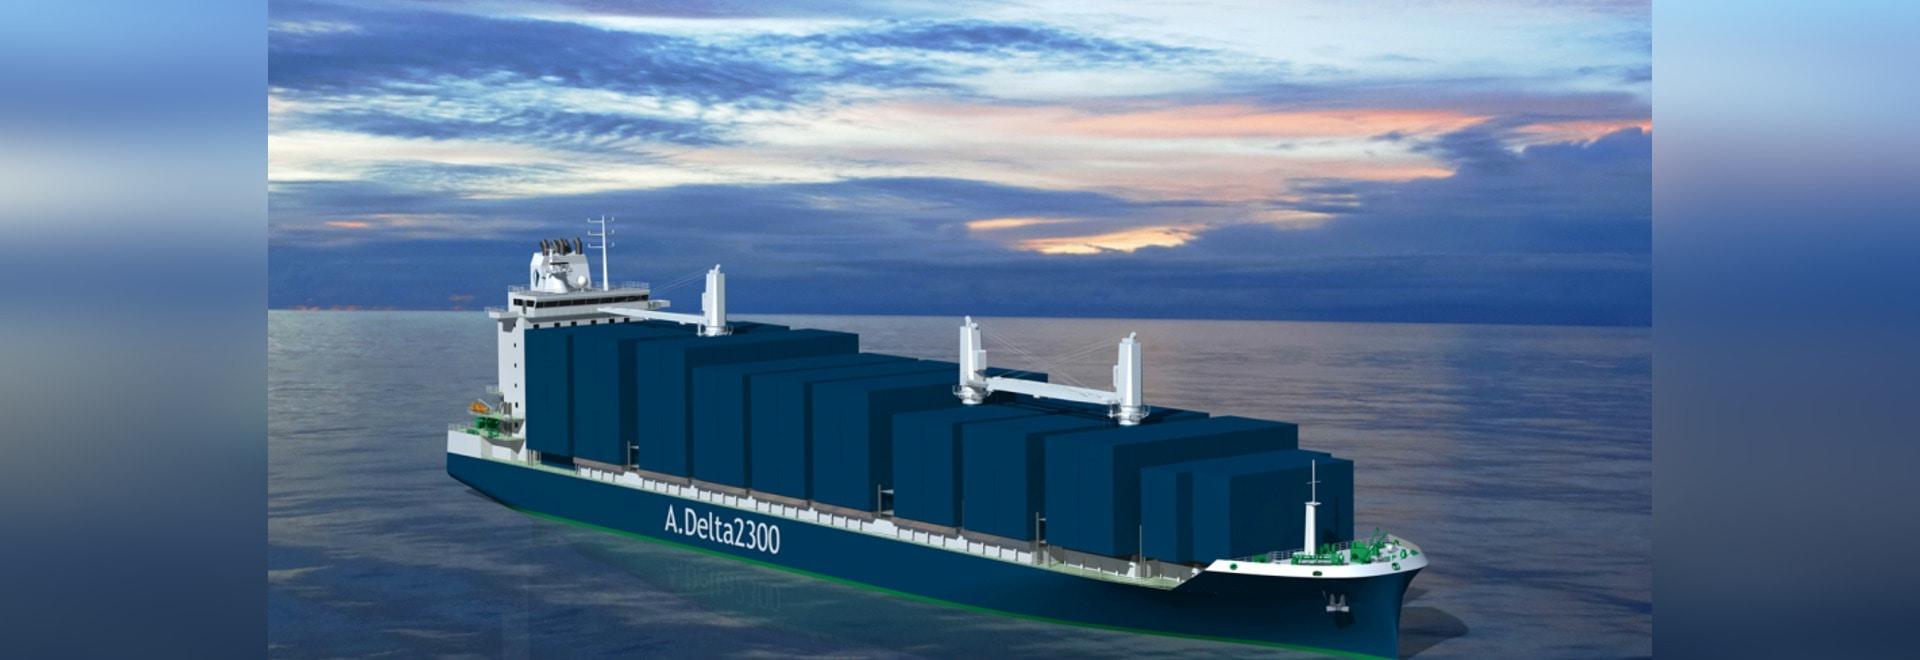 Deltamarin dévoile la nouvelle conception de Boxship